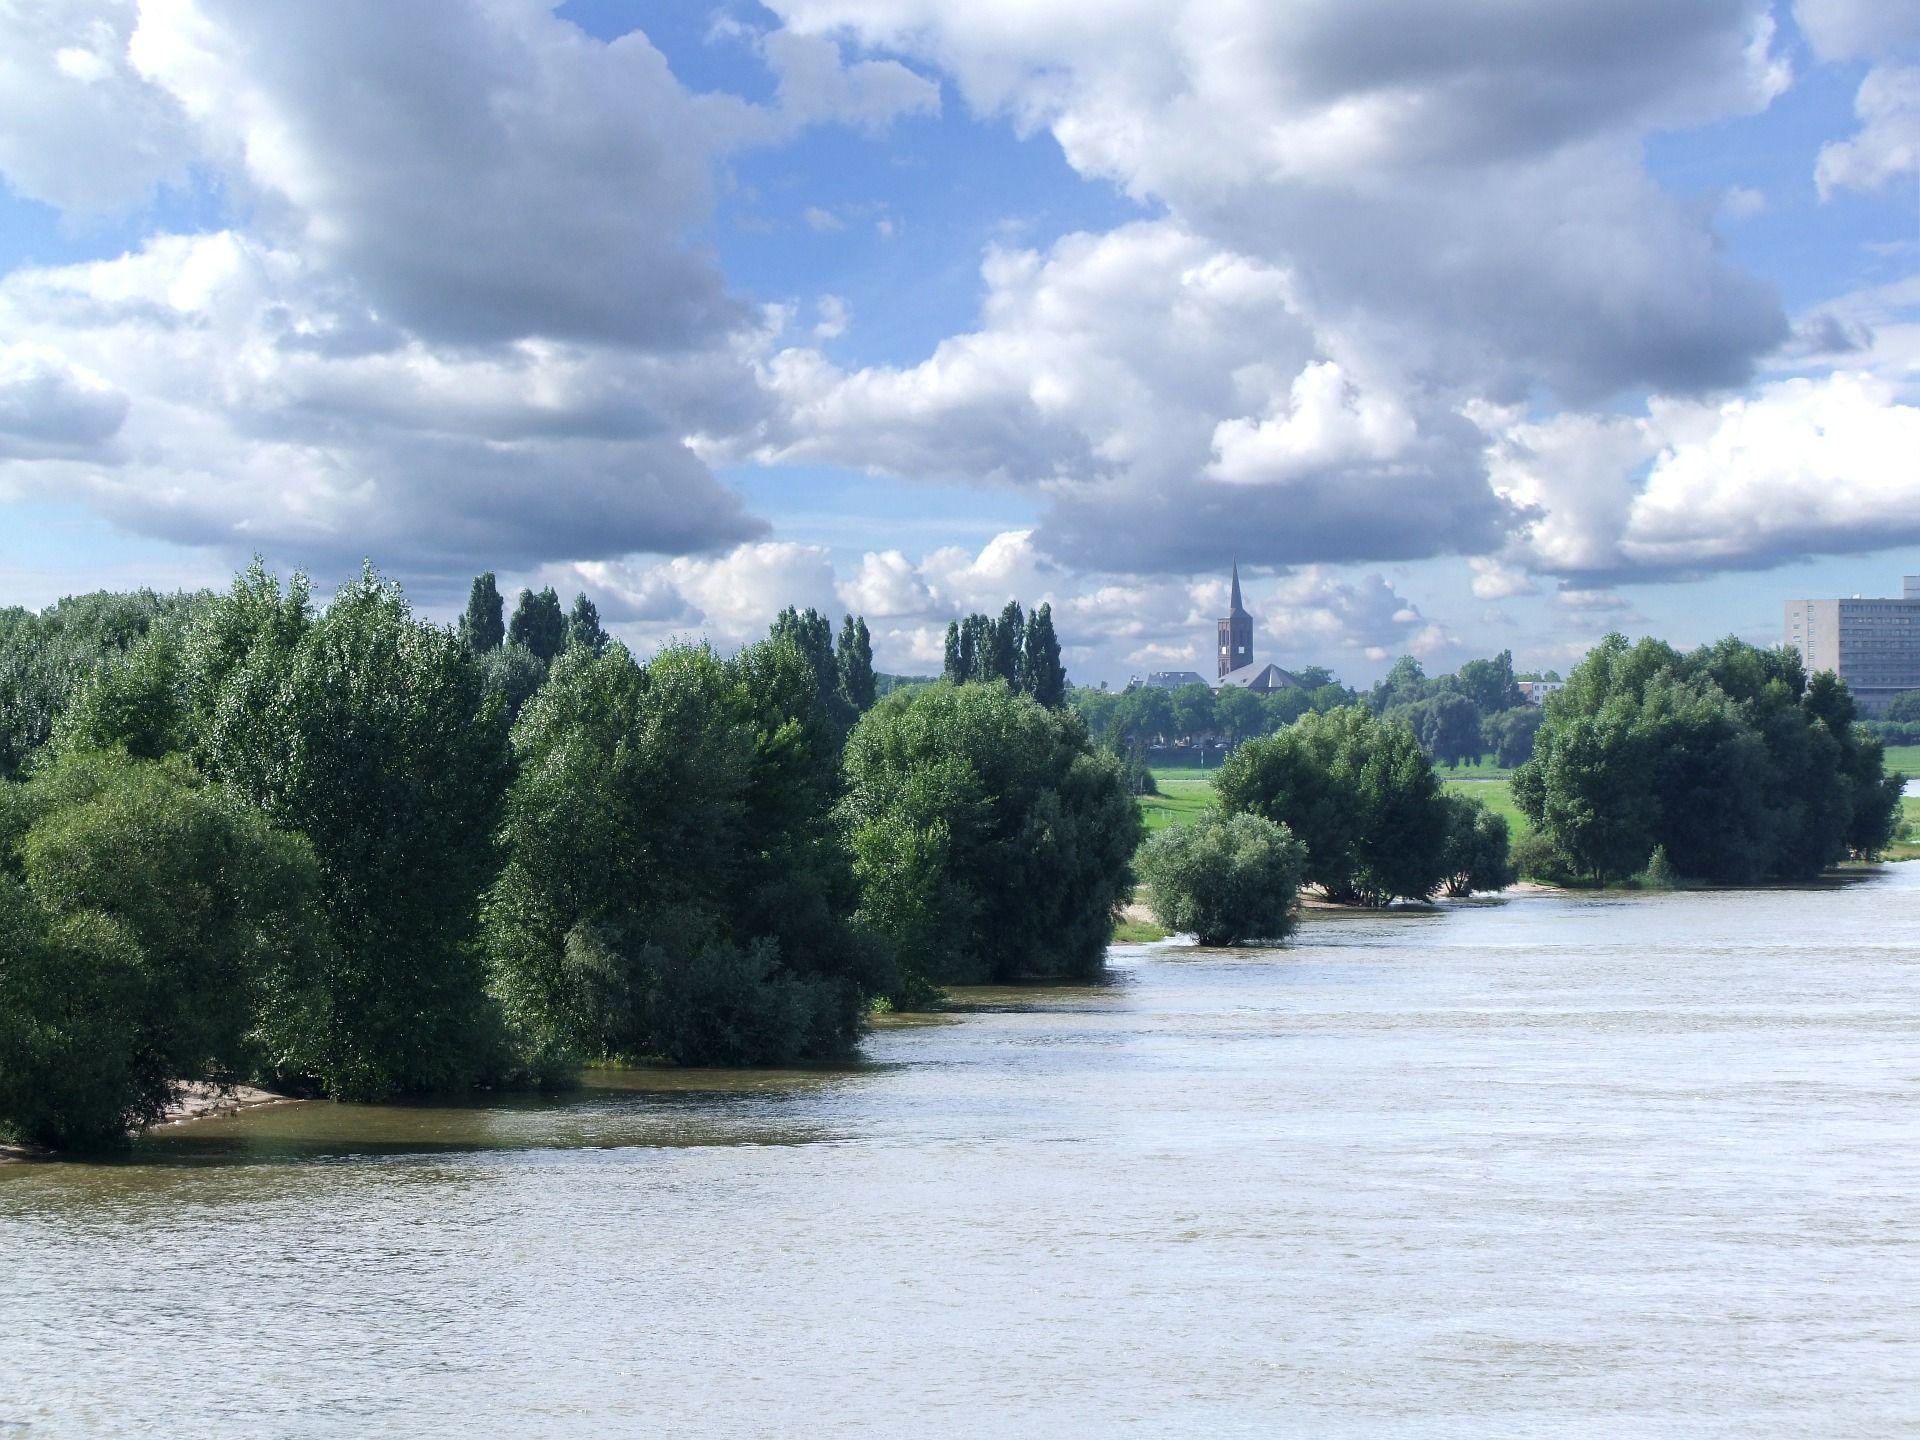 Der Rhein bei Düsseldorf #ebookers